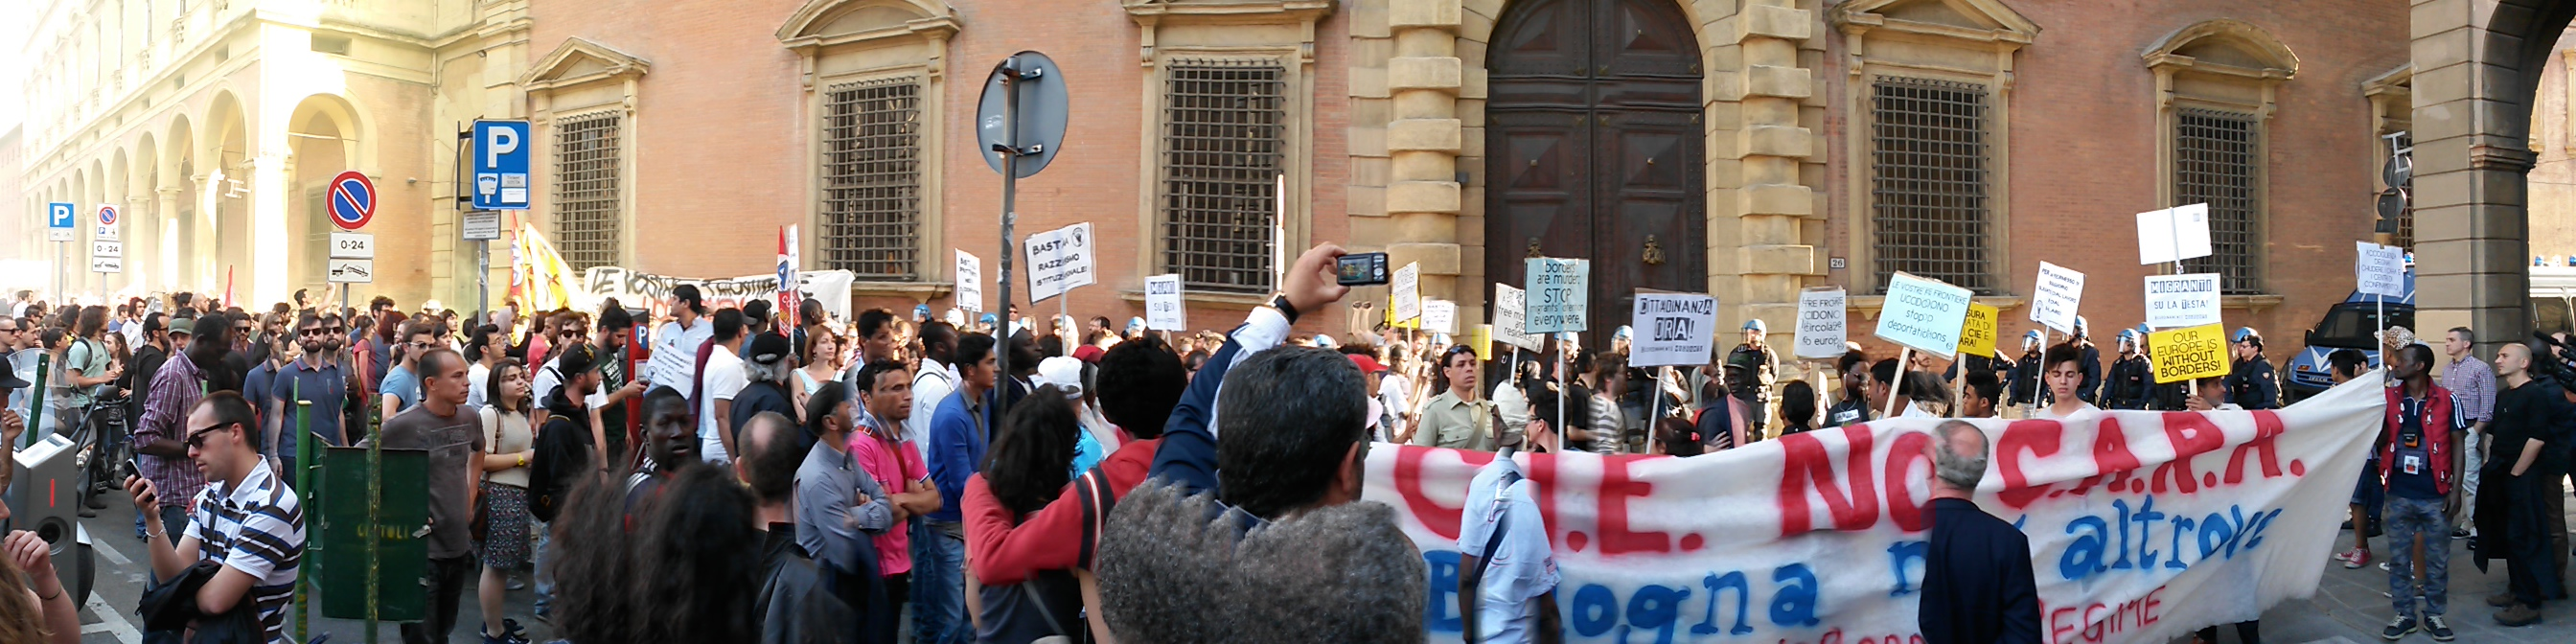 Permesso di soggiorno scuola italiano con migranti xm24 for Questura di bologna permesso di soggiorno